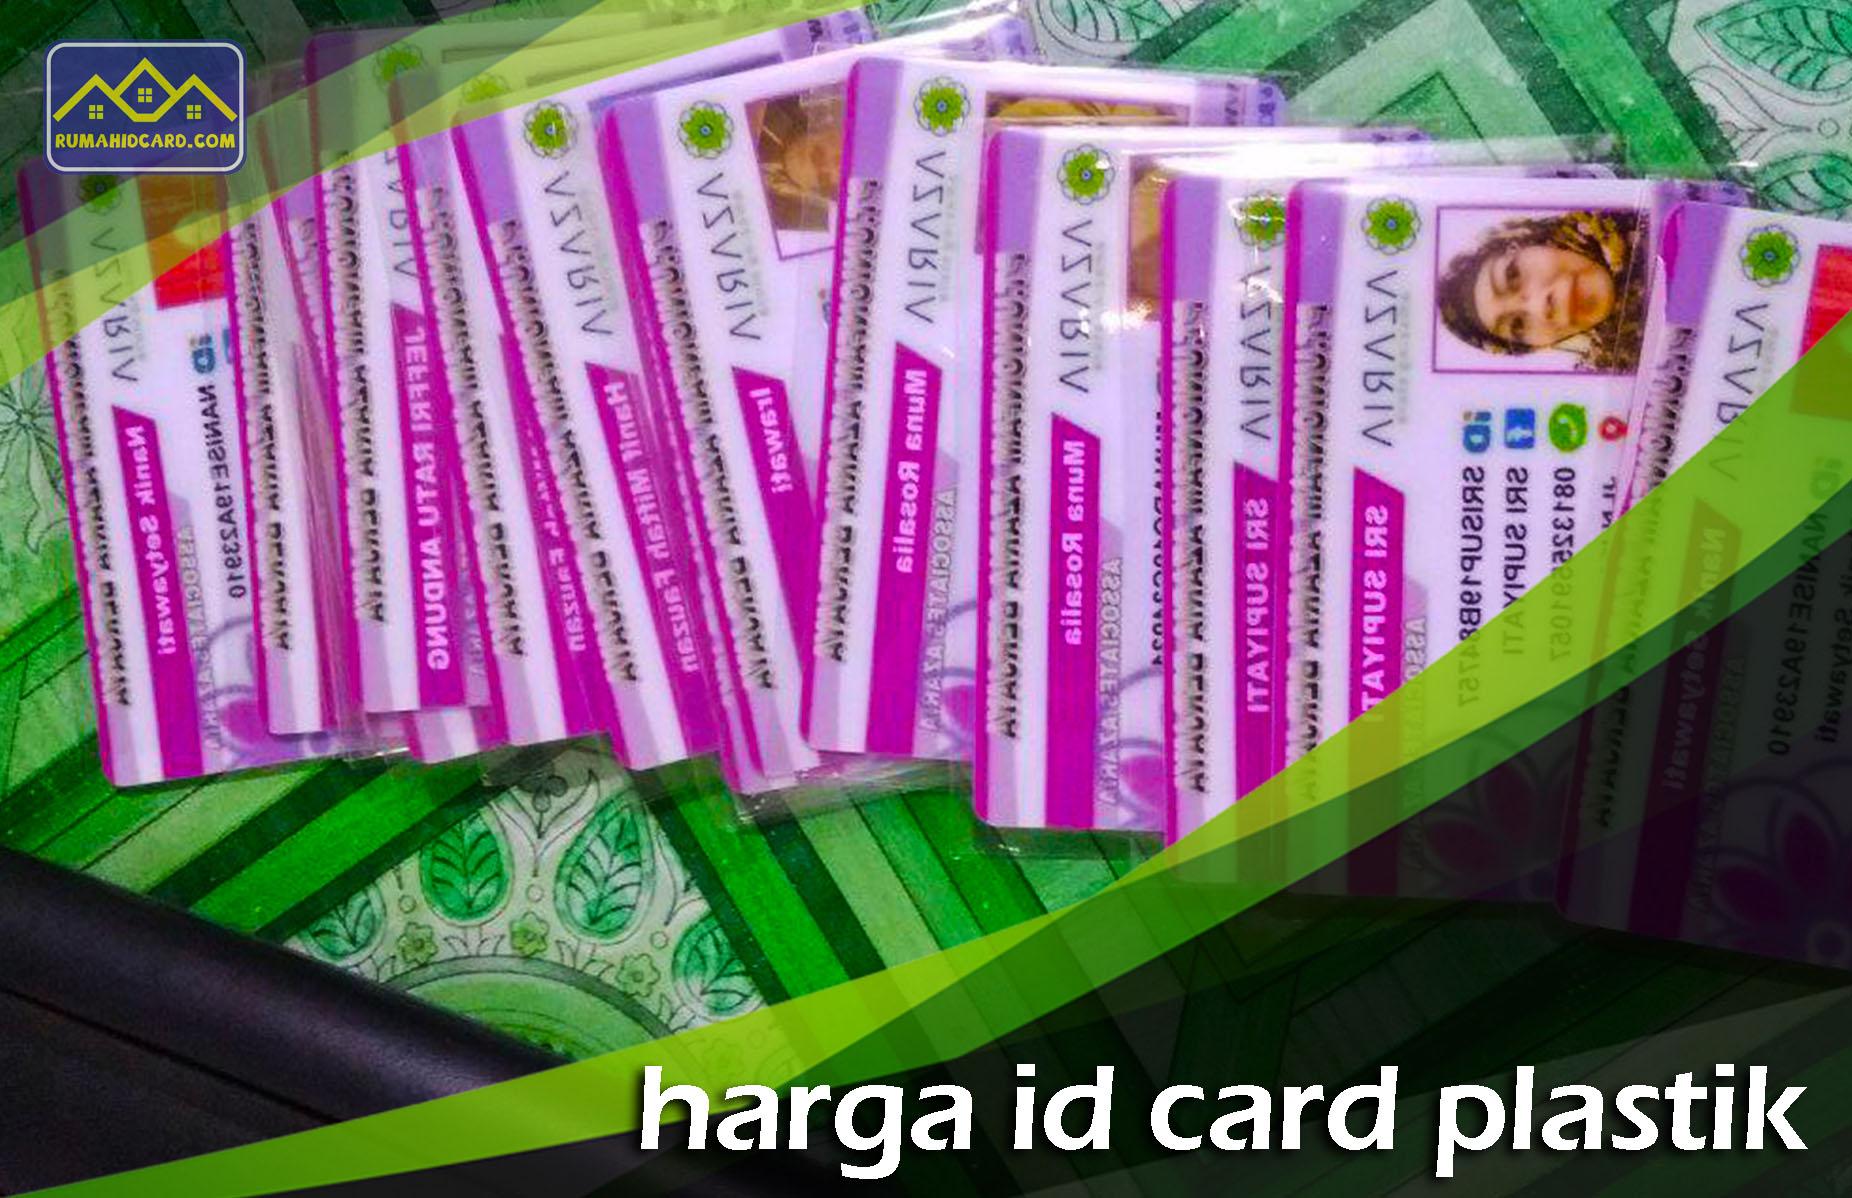 Harga Id Card Plastik